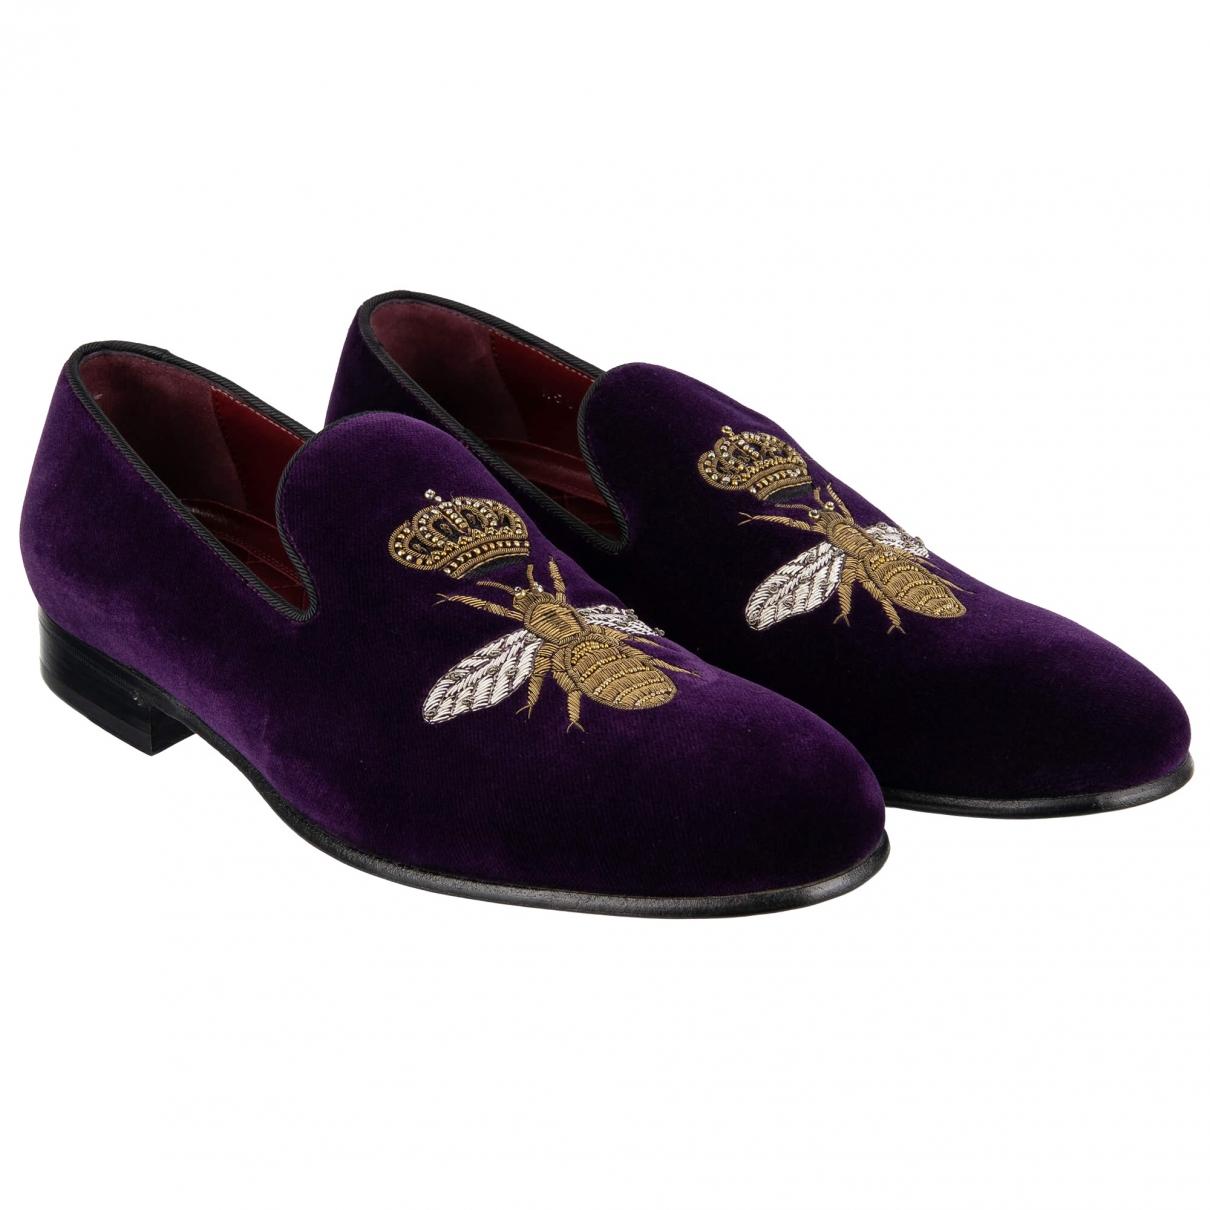 Dolce & Gabbana \N Mokassins in  Lila Samt